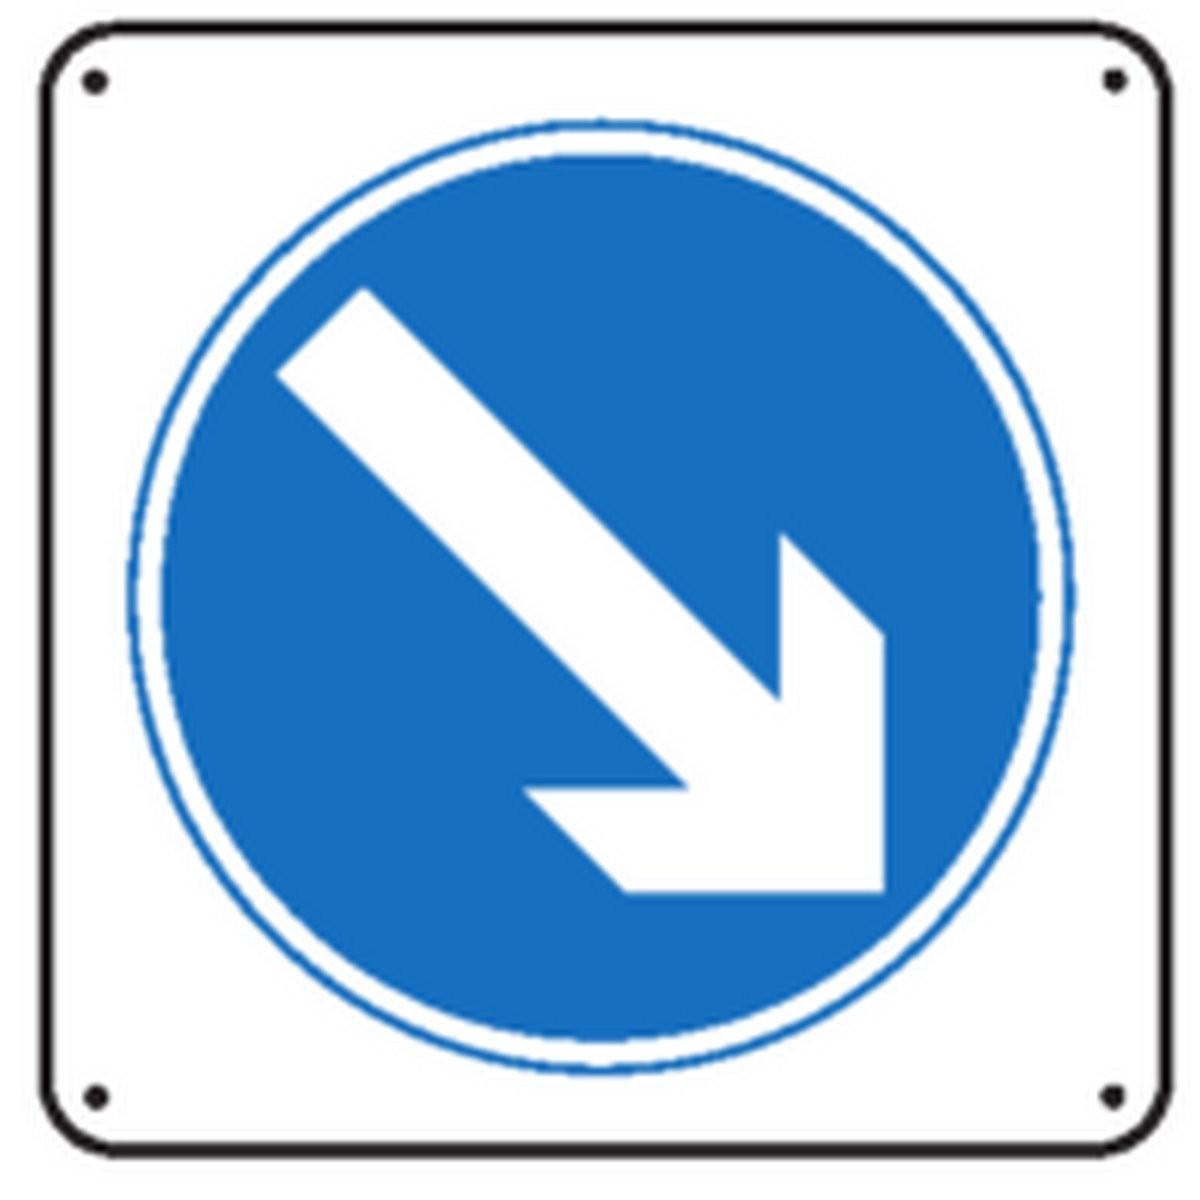 Panneau Obligation de prendre la voie de droite renforcé pour poteau